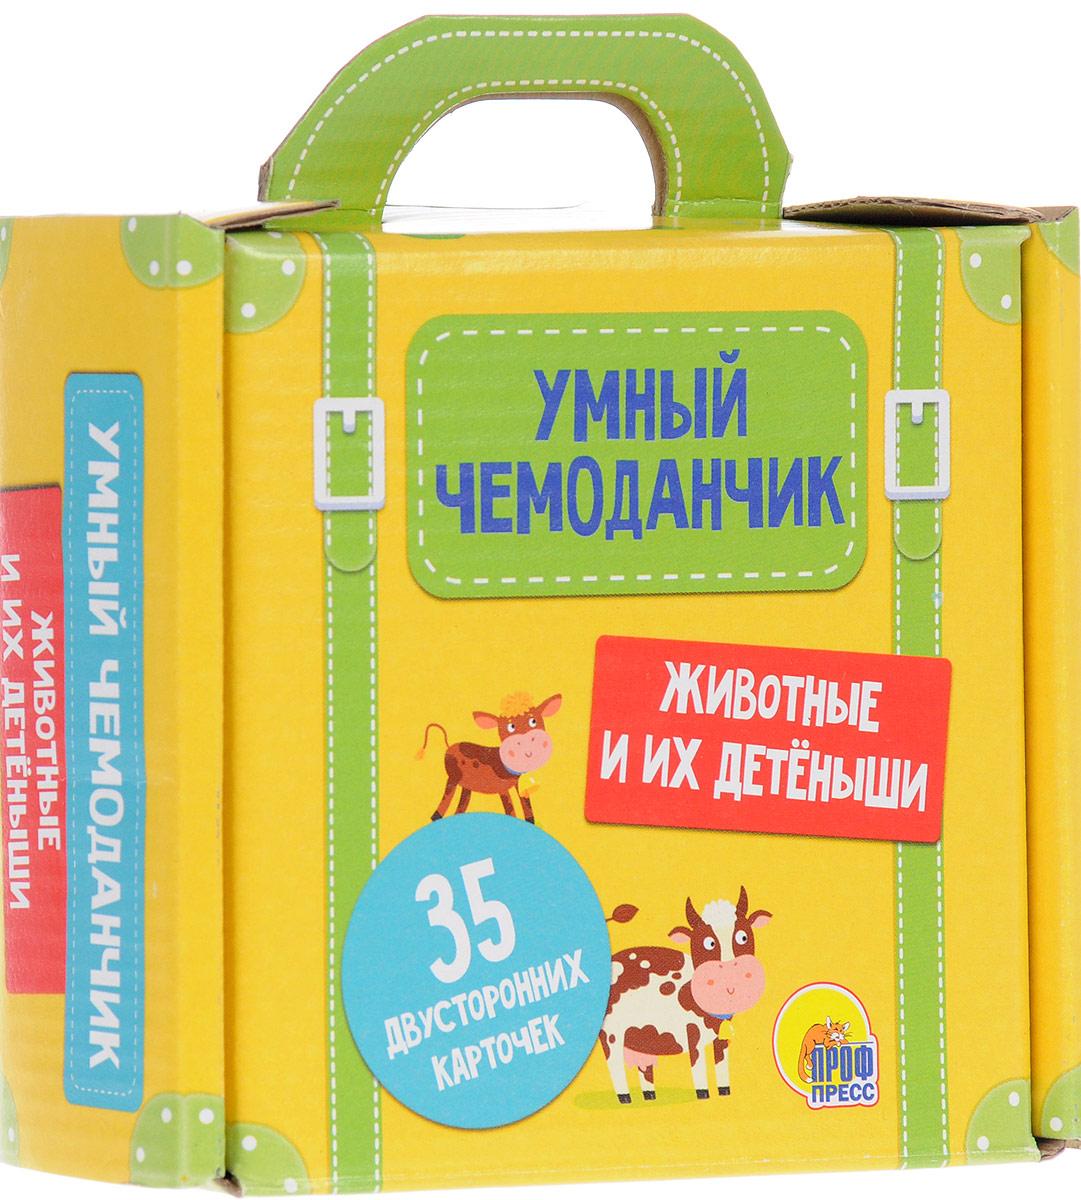 Проф-пресс Обучающие карточки Умный чемоданчик Животные и их детеныши богуславская м илл животные и их детеныши